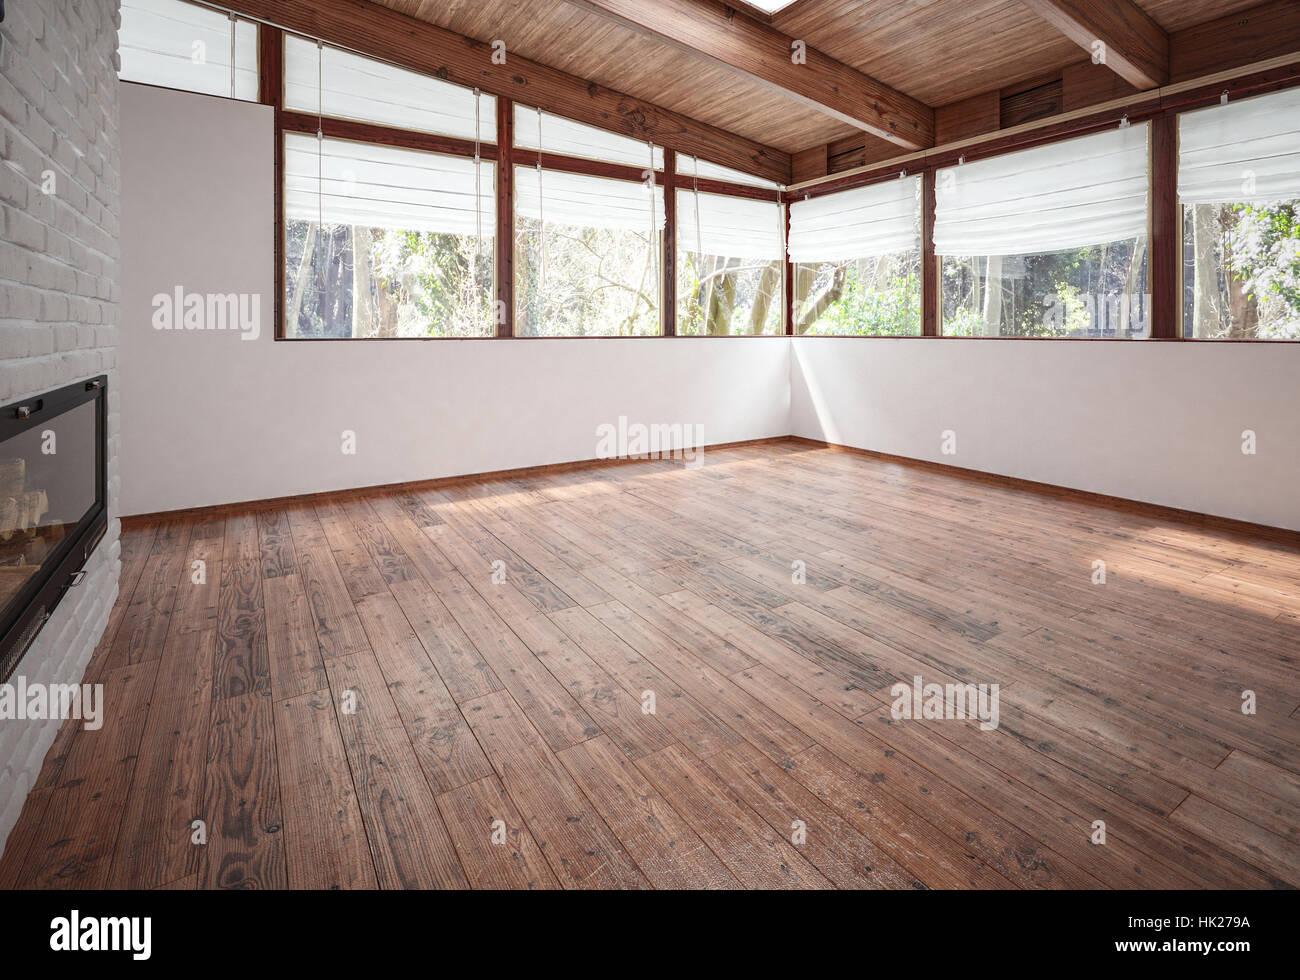 Fußboden Im Wohnzimmer ~ Leeren wohnzimmer mit kamin hölzernen fußboden und decke mit